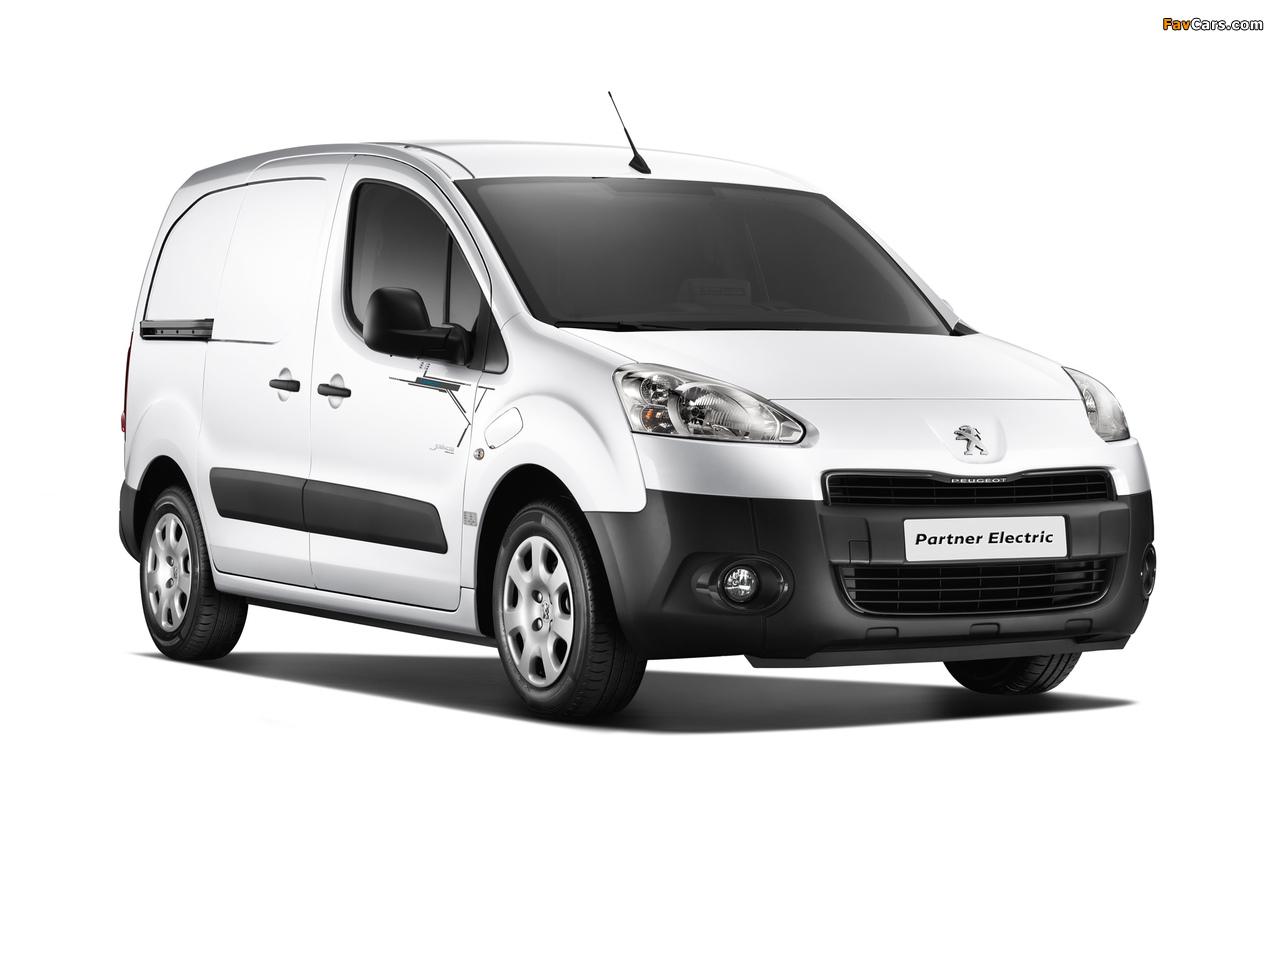 Peugeot Partner Van Electric 2013 pictures (1280 x 960)